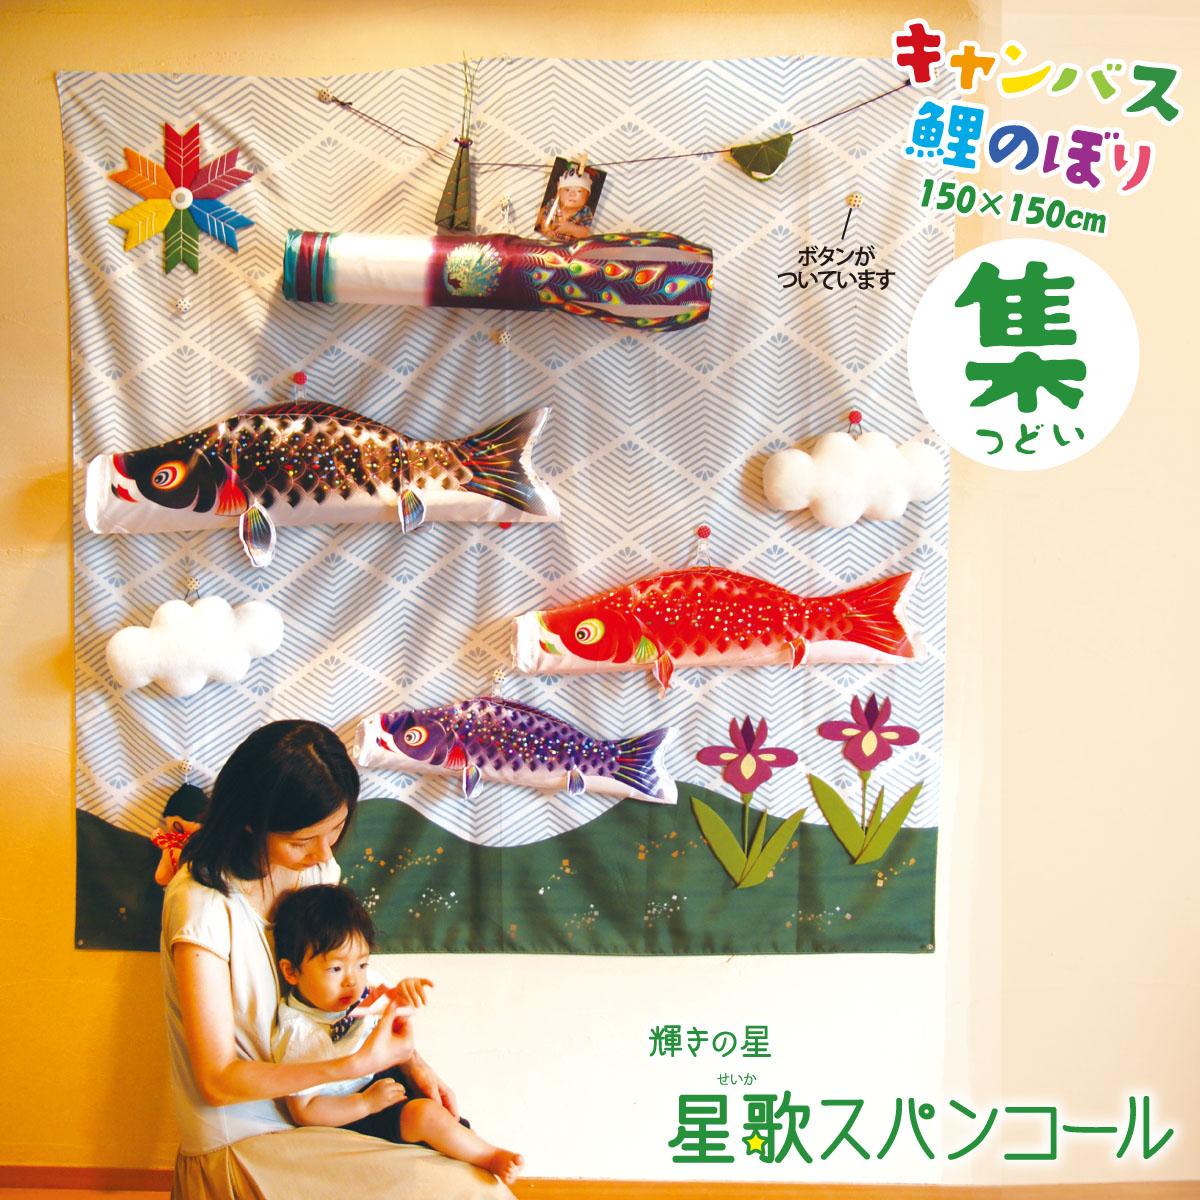 室内用鯉のぼり キャンバス鯉のぼり 集 星歌スパンコールセット KOI-T-126-571室内用 こいのぼり 徳永鯉のぼり